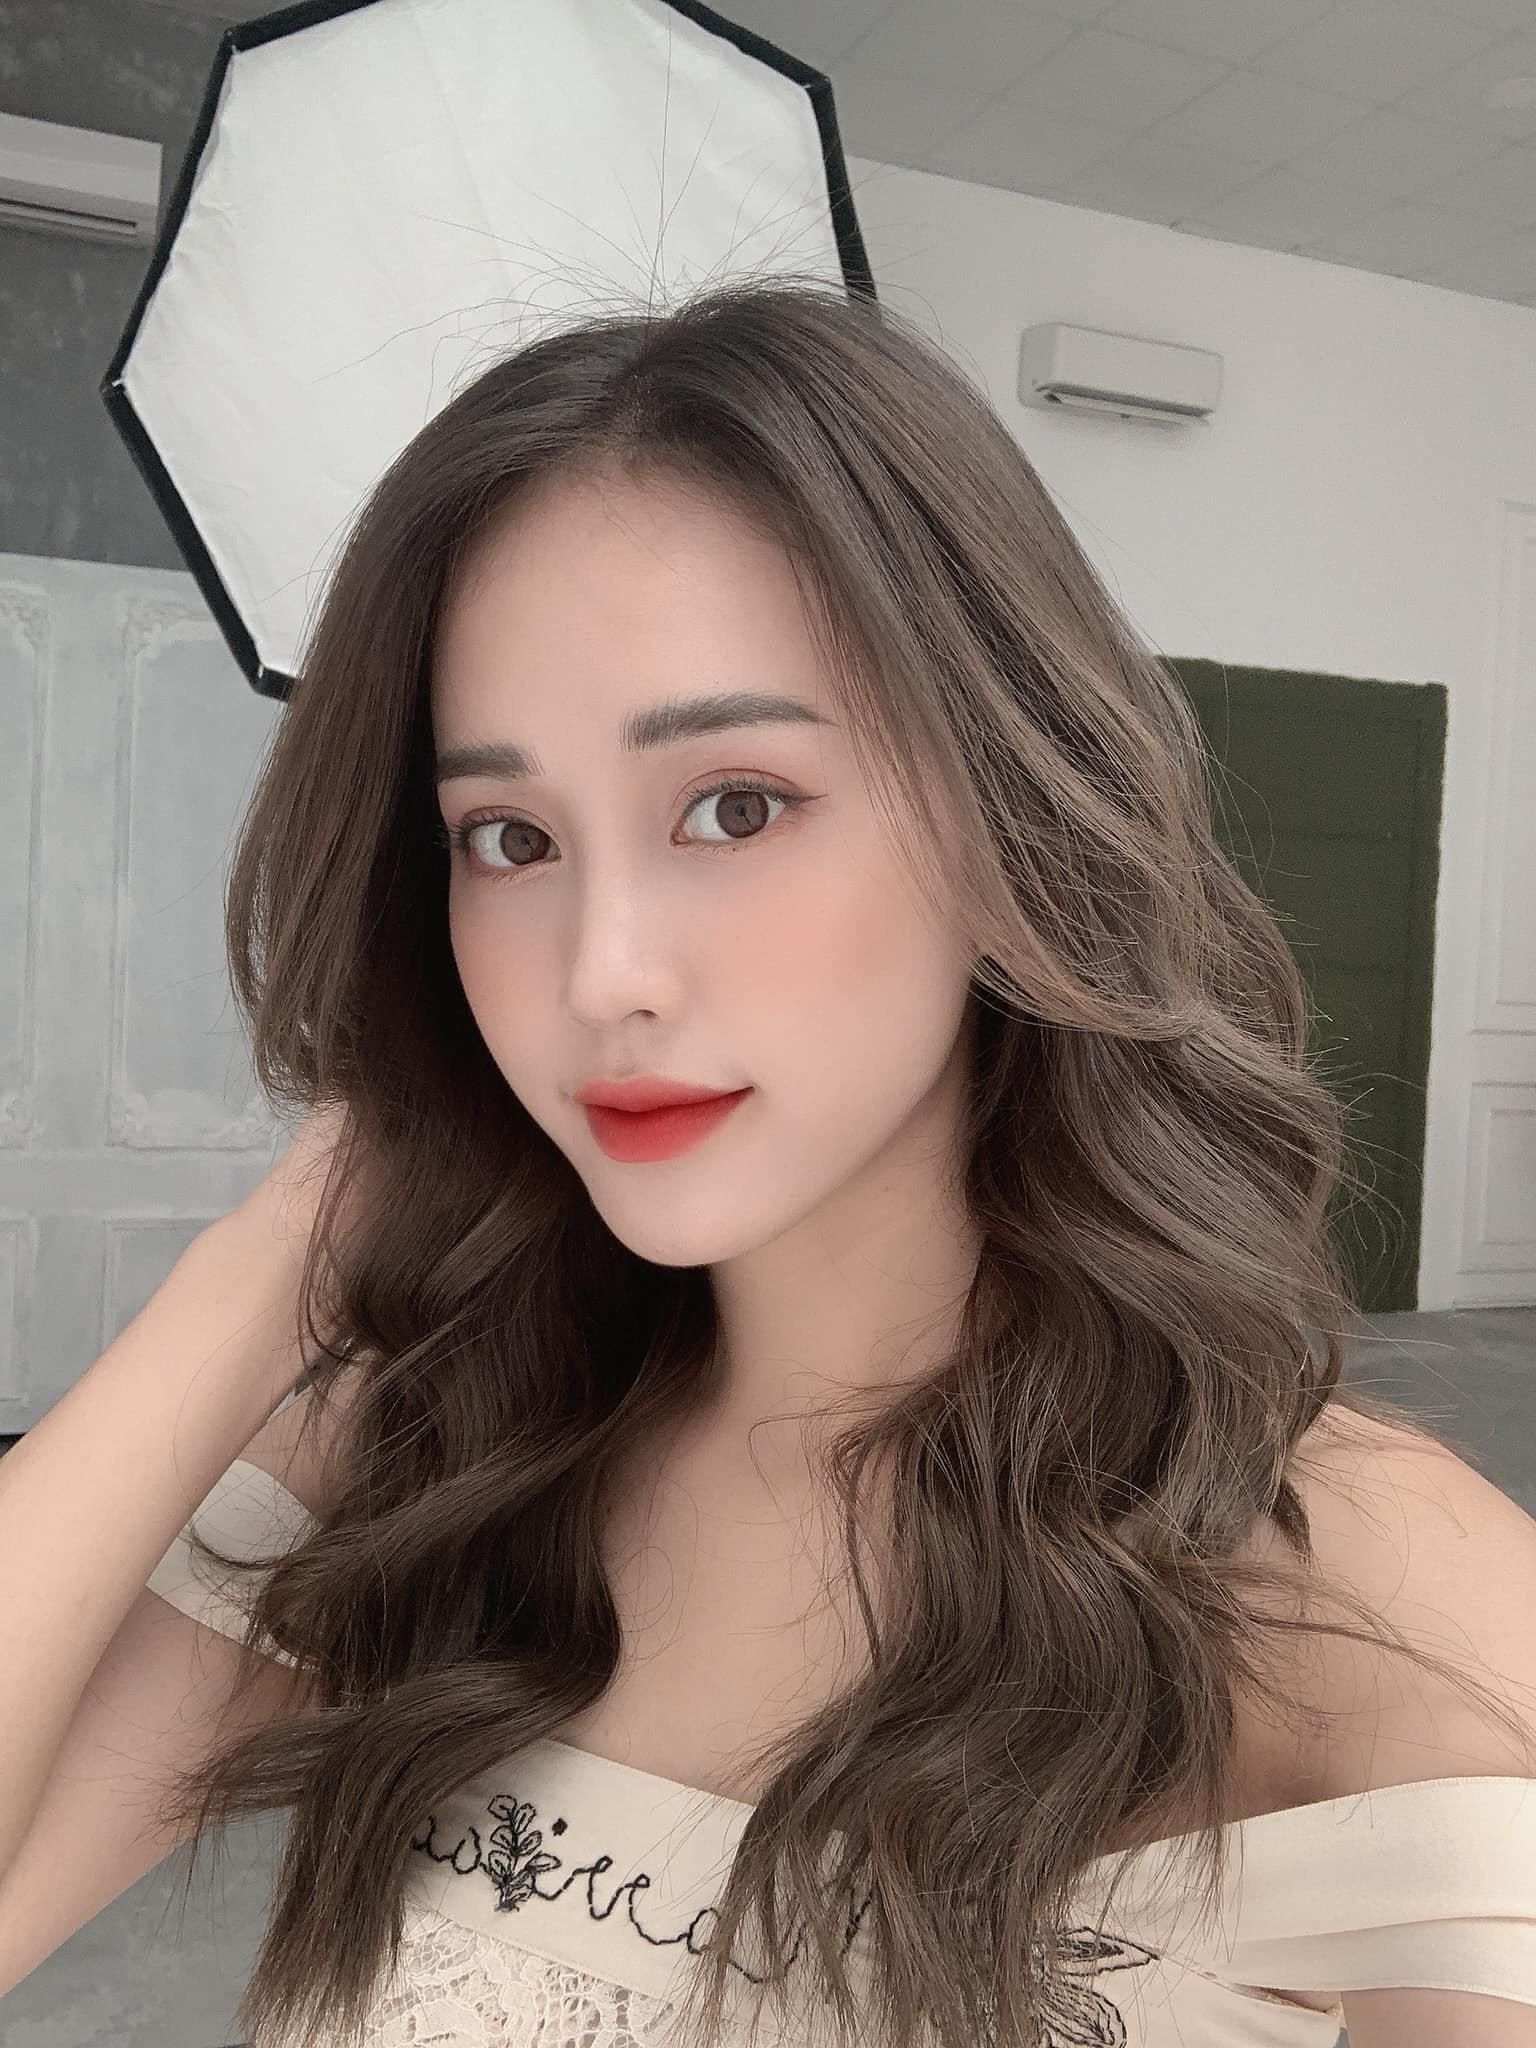 Nữ MC VTV xinh đẹp tựa nữ thần bỗng nhiên là thí sinh Hoa hậu Việt Nam 2020 vì lý do không ngờ là ai? - Ảnh 1.